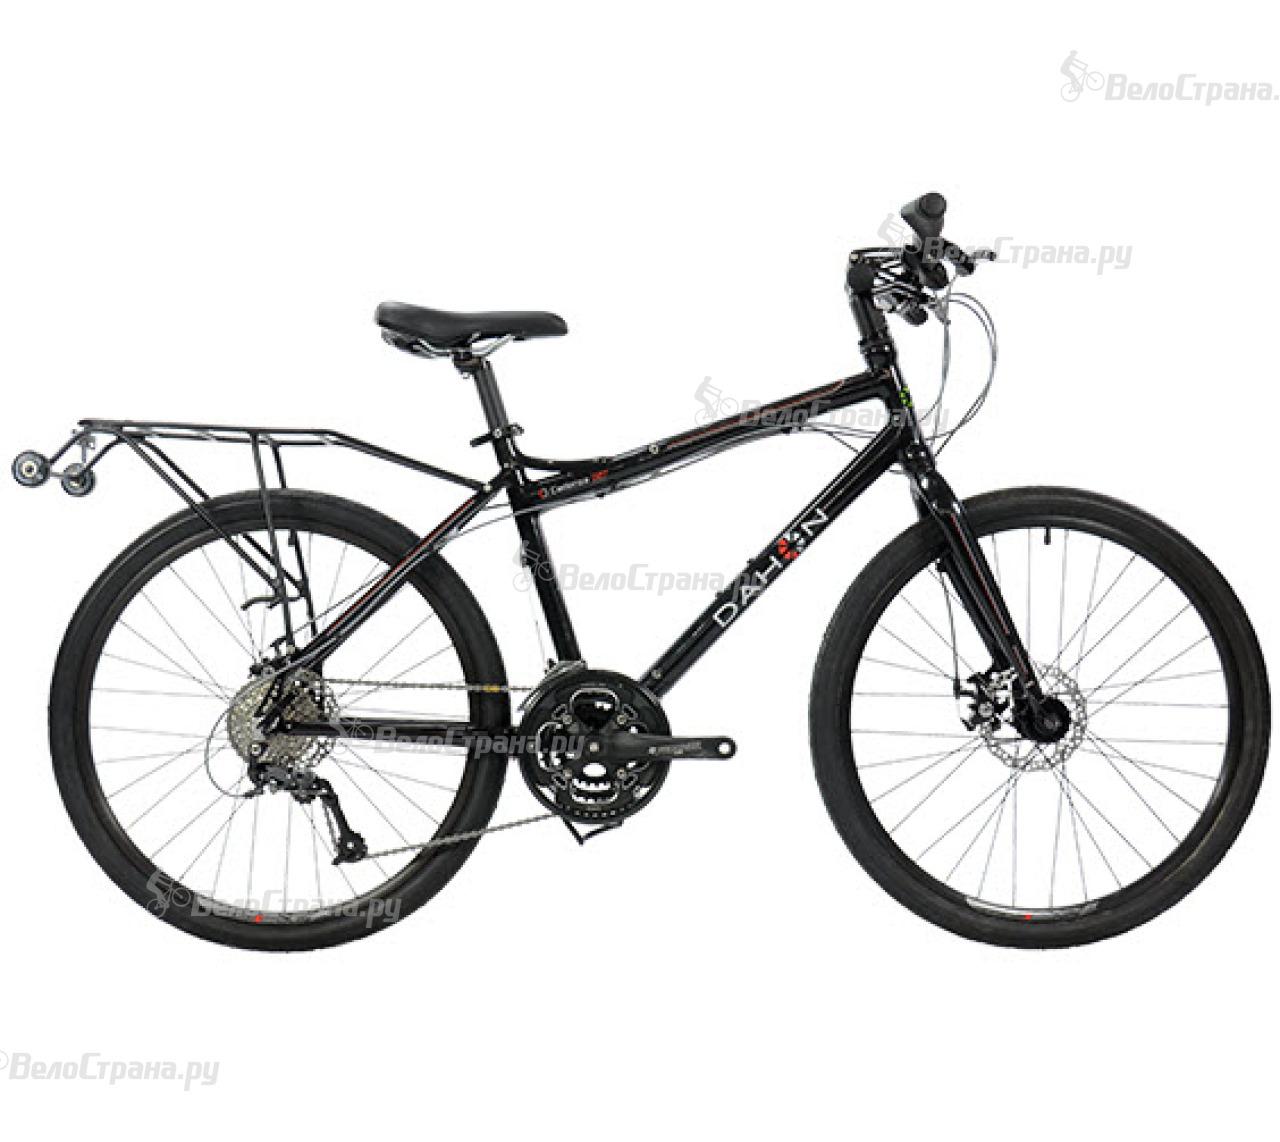 Велосипед Dahon Cadenza D27 (2016) велосипед dahon vybe d7 u 2017